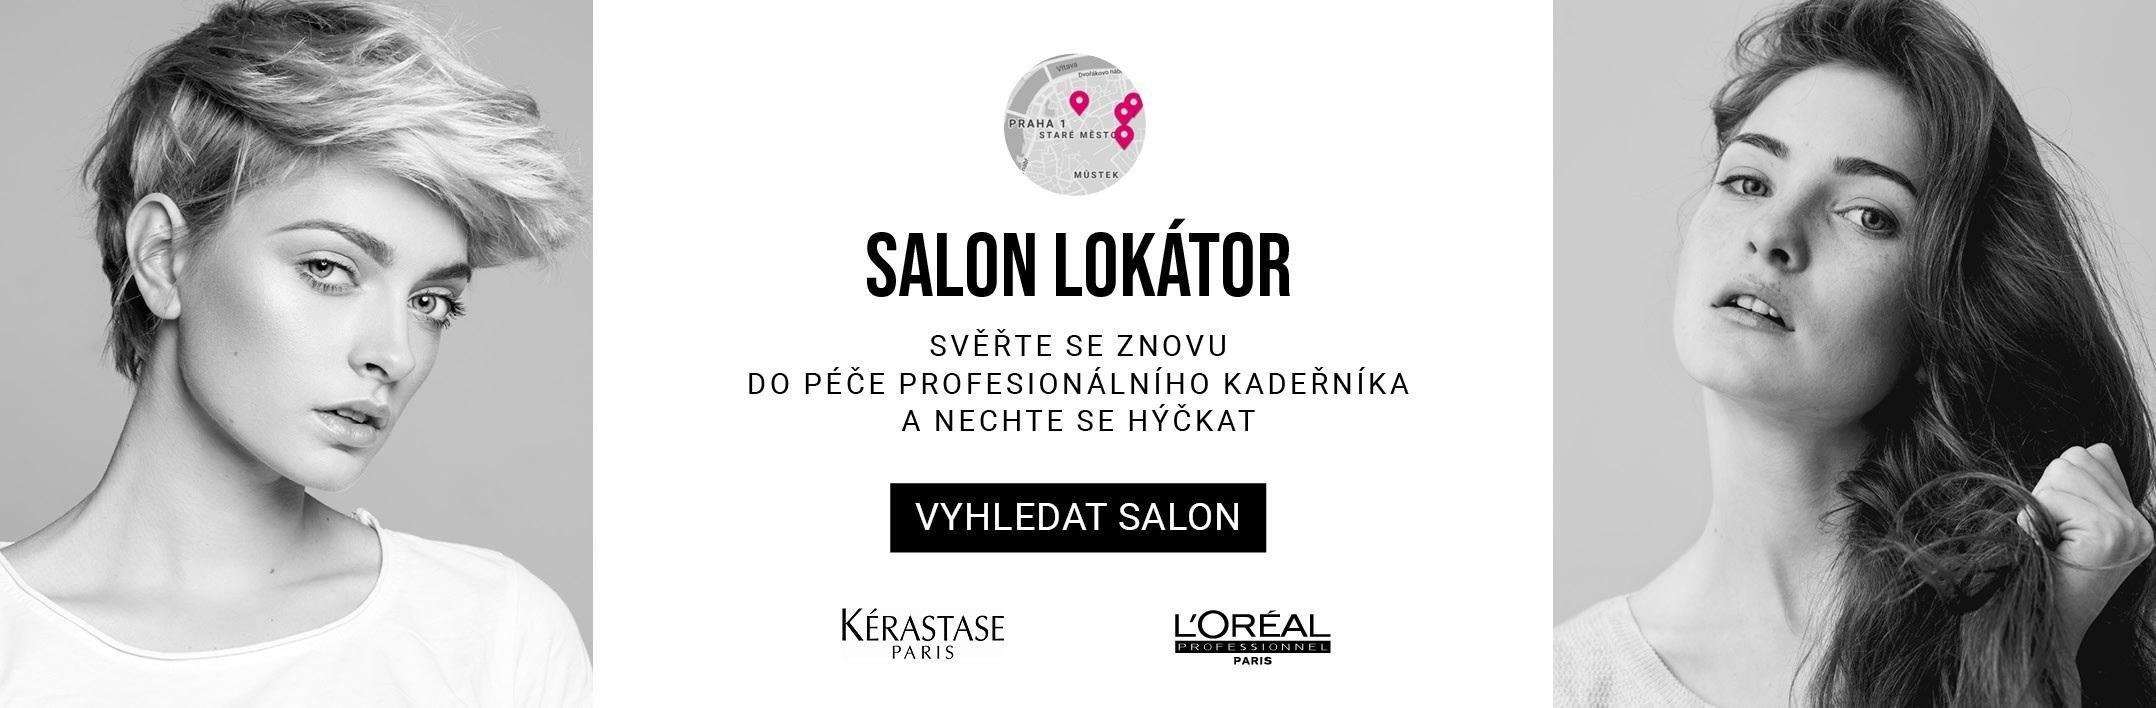 Salon Lokator - znovuotvorenie salonov